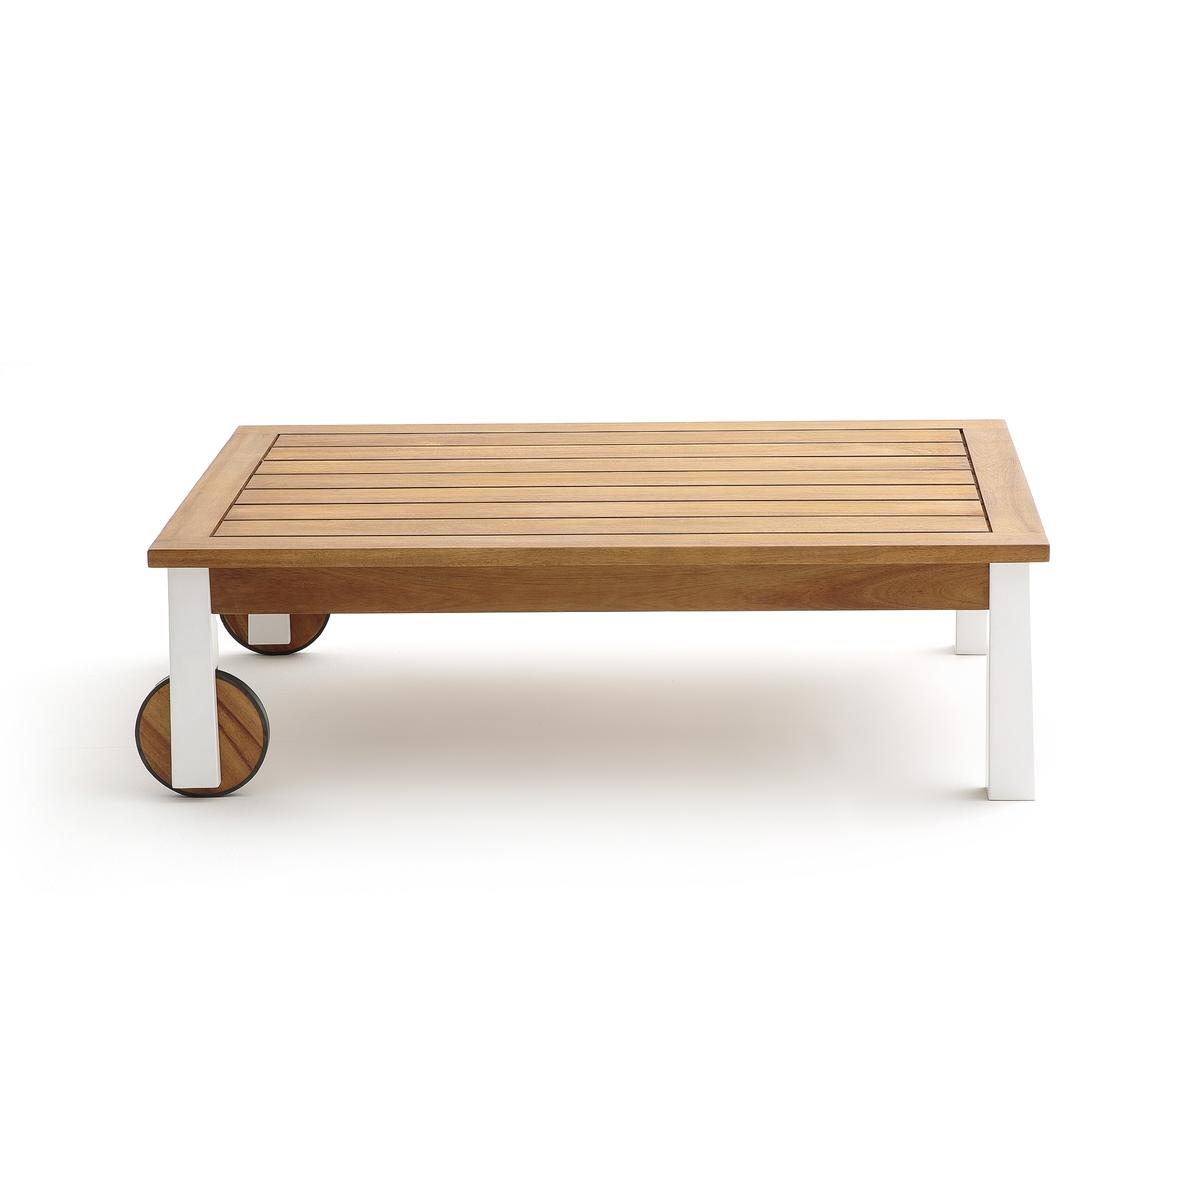 Столик низкий садовый, Adriel столик садовый складной jakta